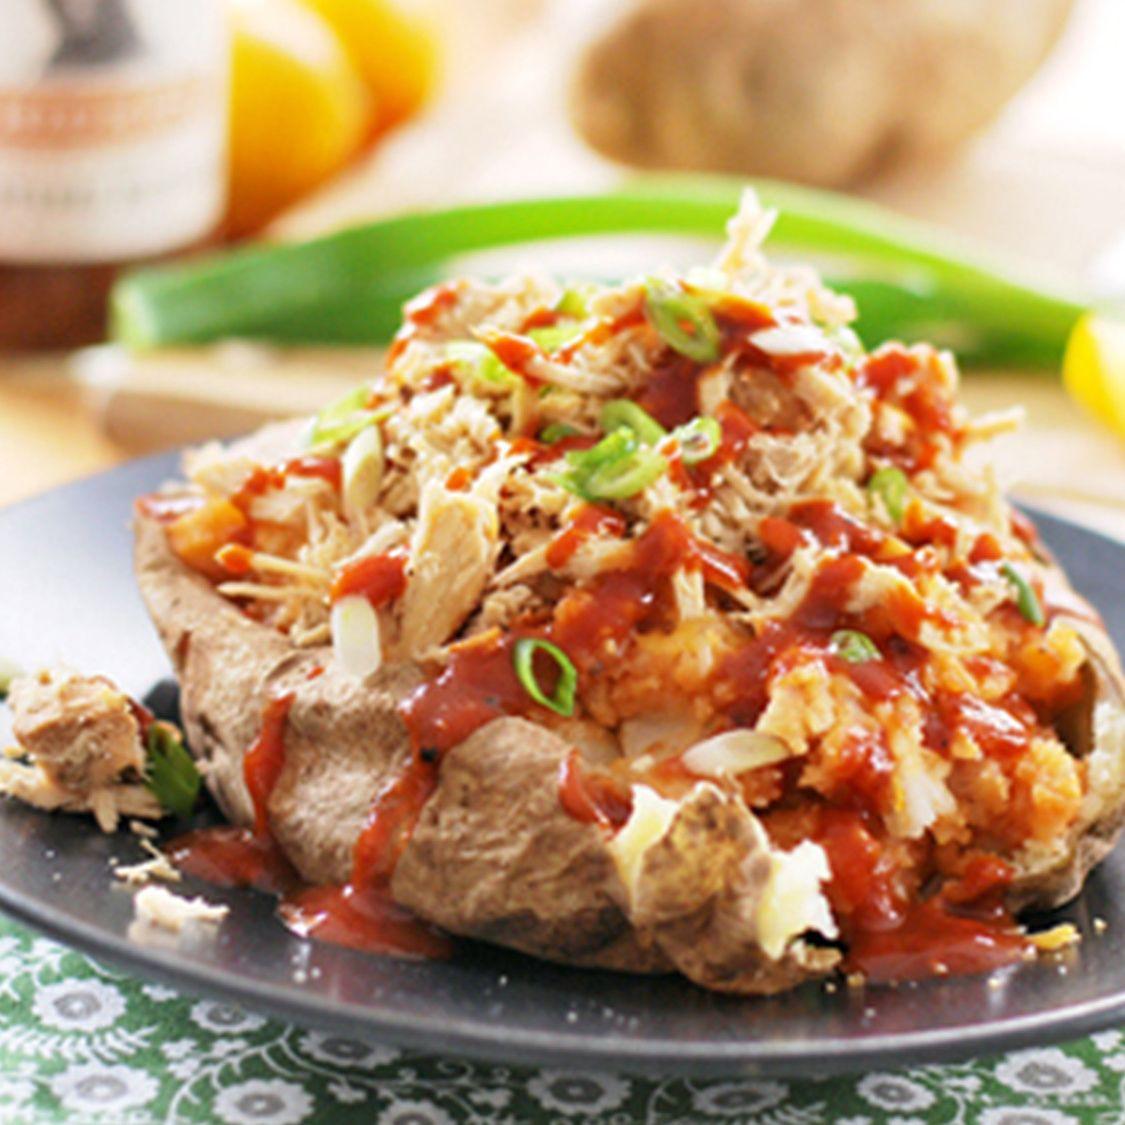 shredded_chicken_barbq_baked_potato.jpg